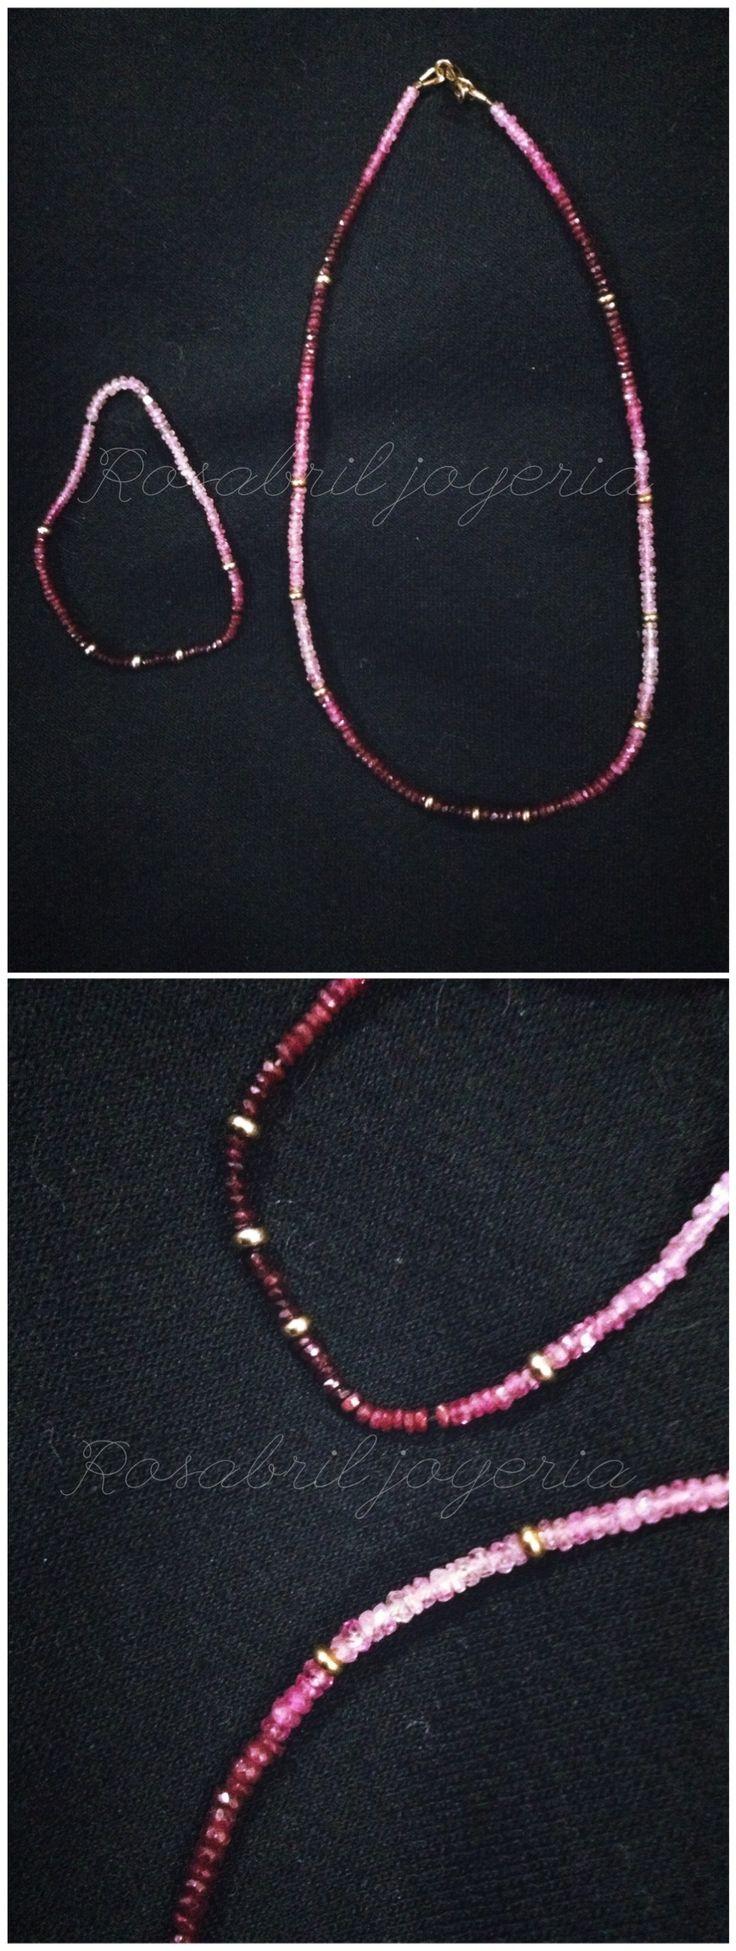 Piedra Turmalina rosa, collar y pulsera. Detalles en oro laminado. Accesorios, joyeria.